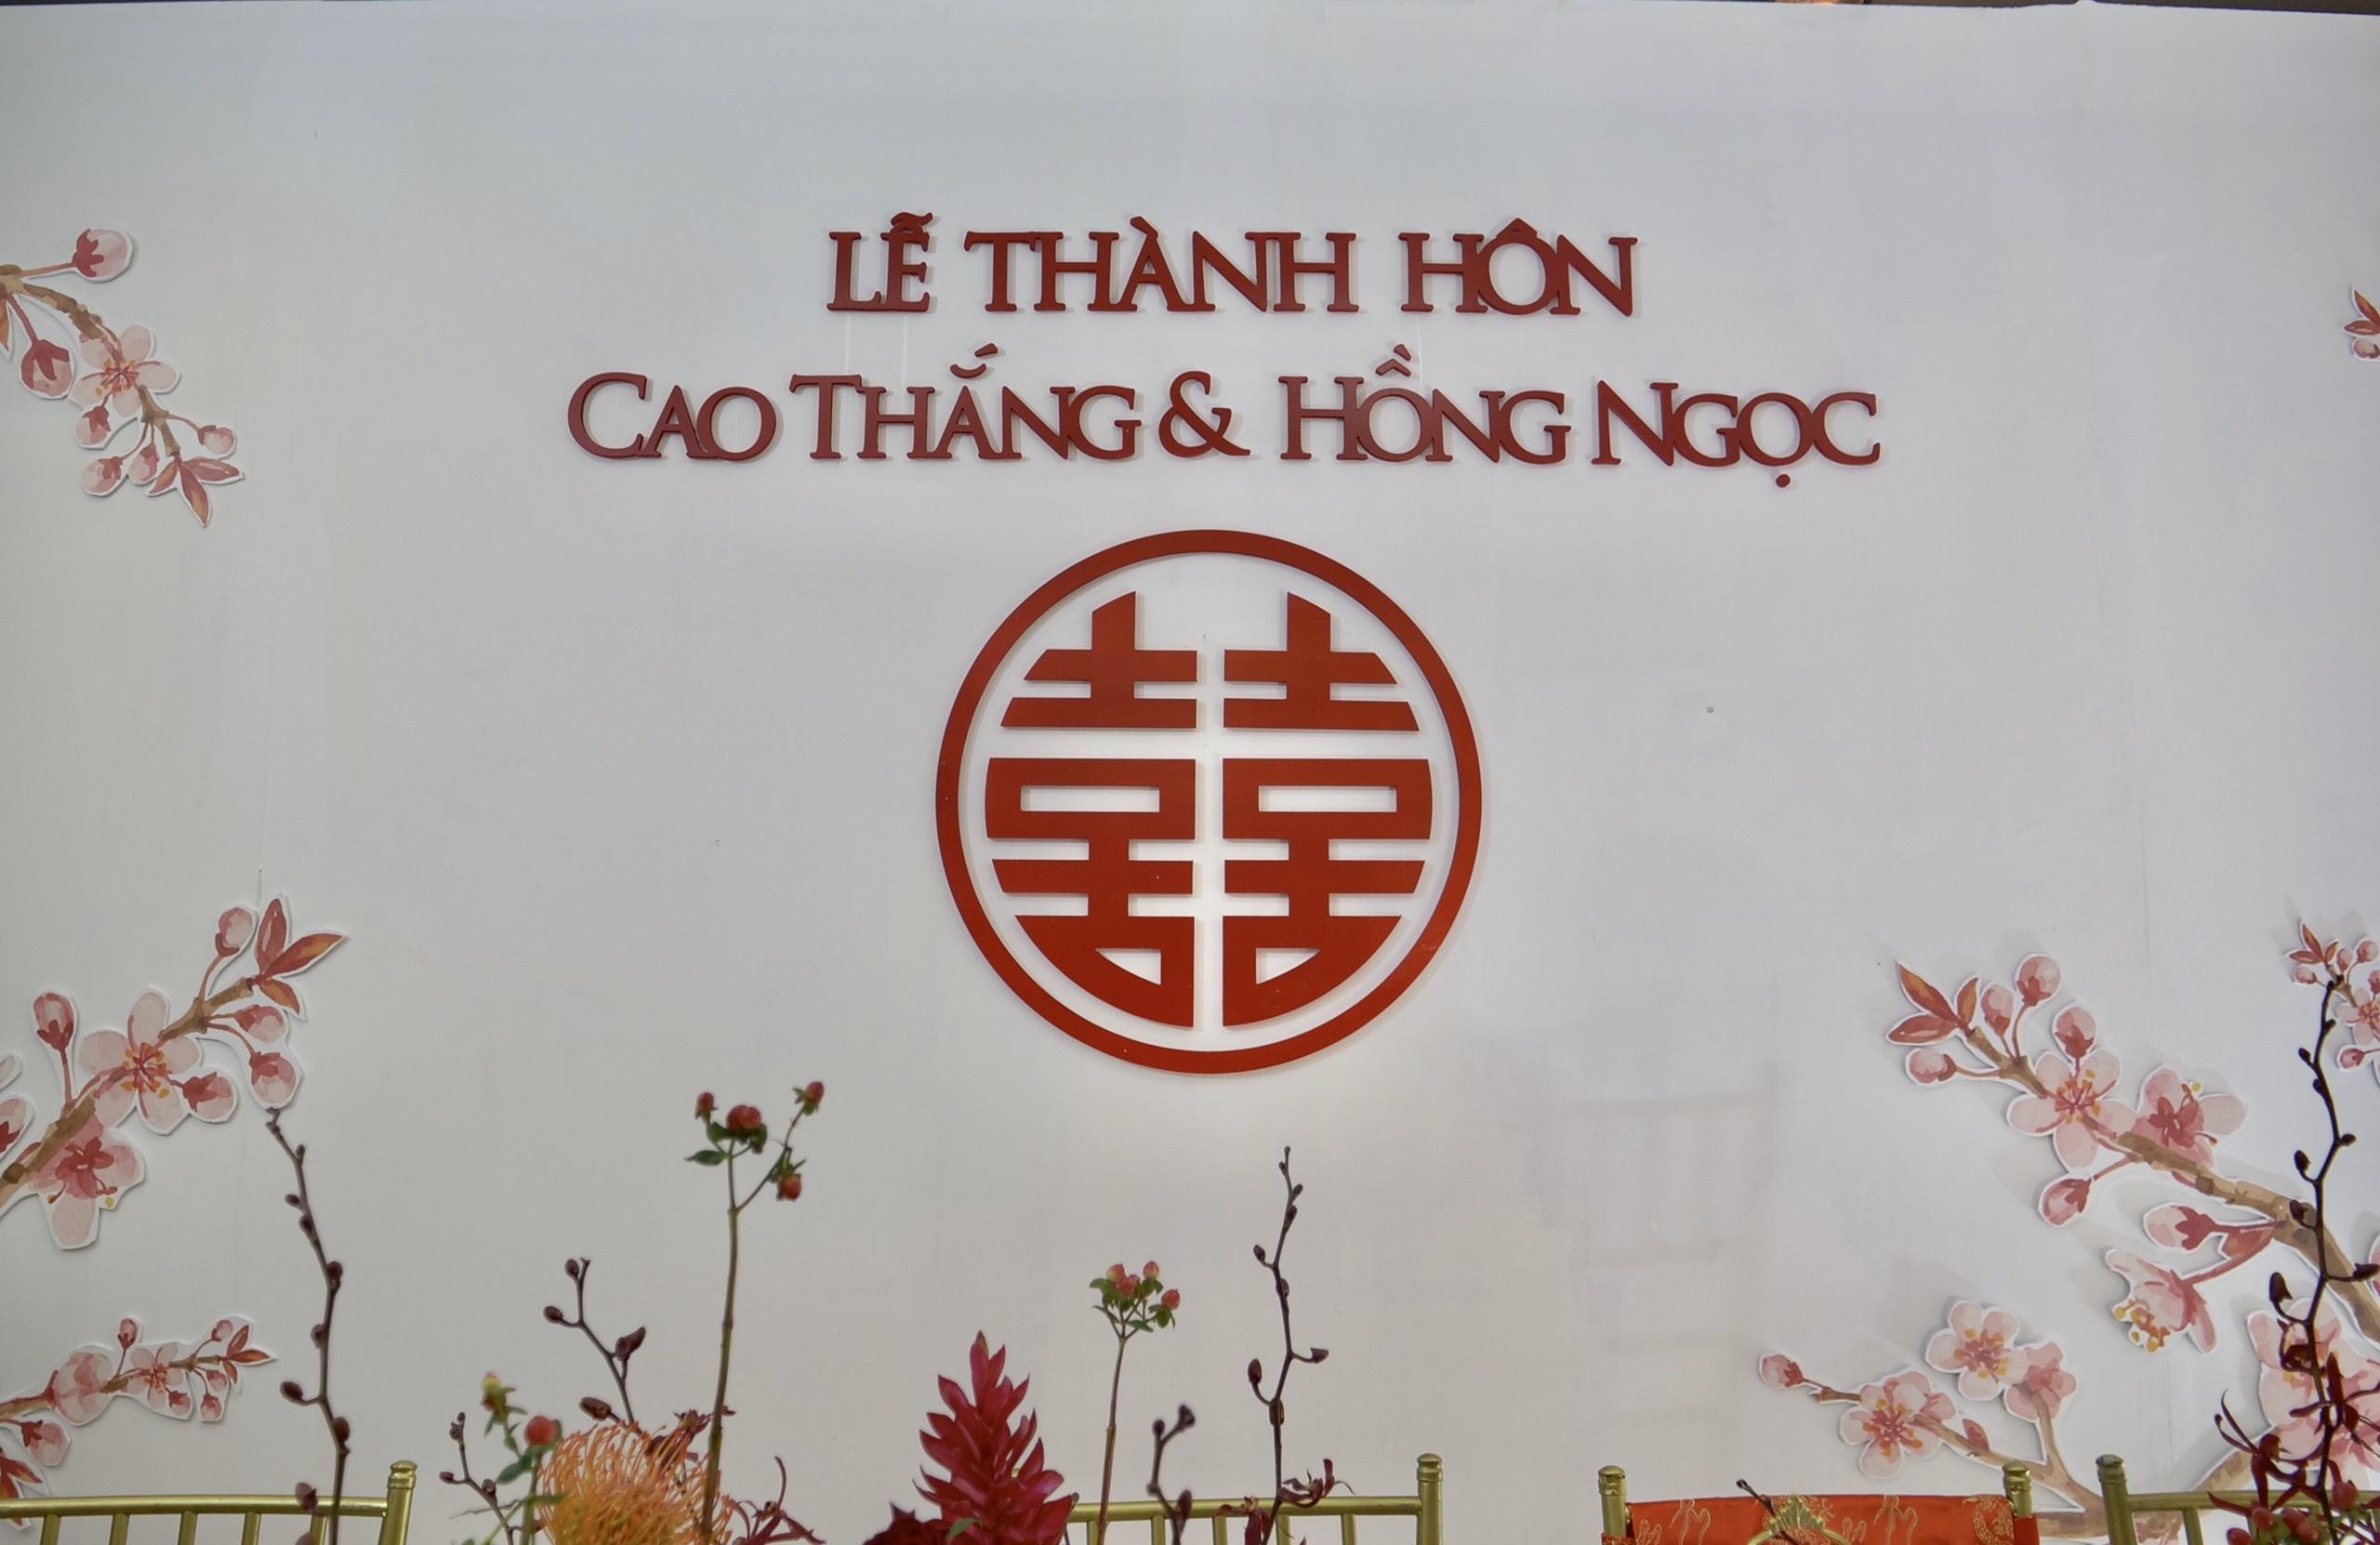 Le an hoi nao dong duong pho cua Dong Nhi - Ong Cao Thang hinh anh 13